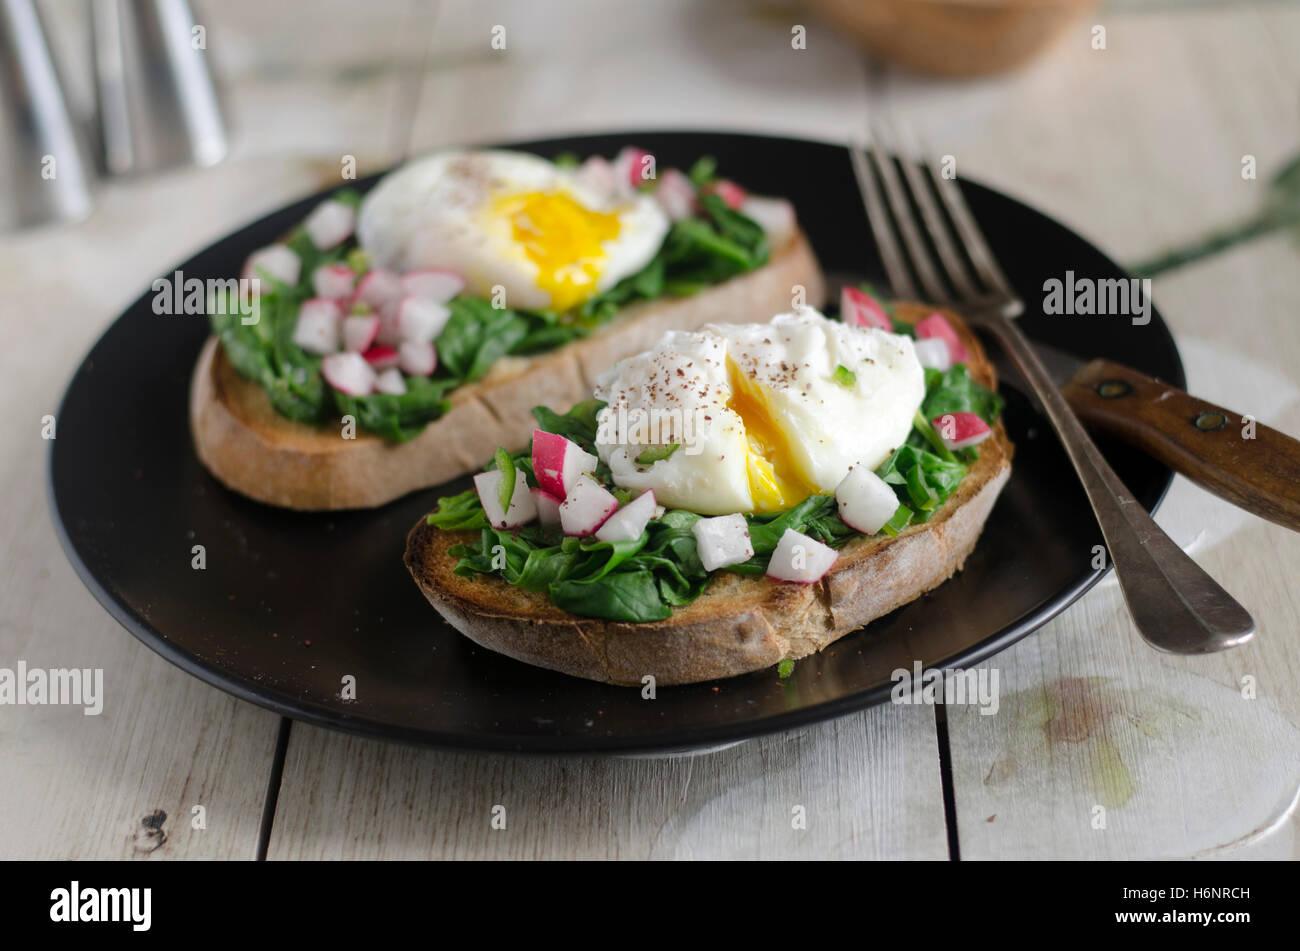 Agrio tostado con espinacas y huevo Imagen De Stock